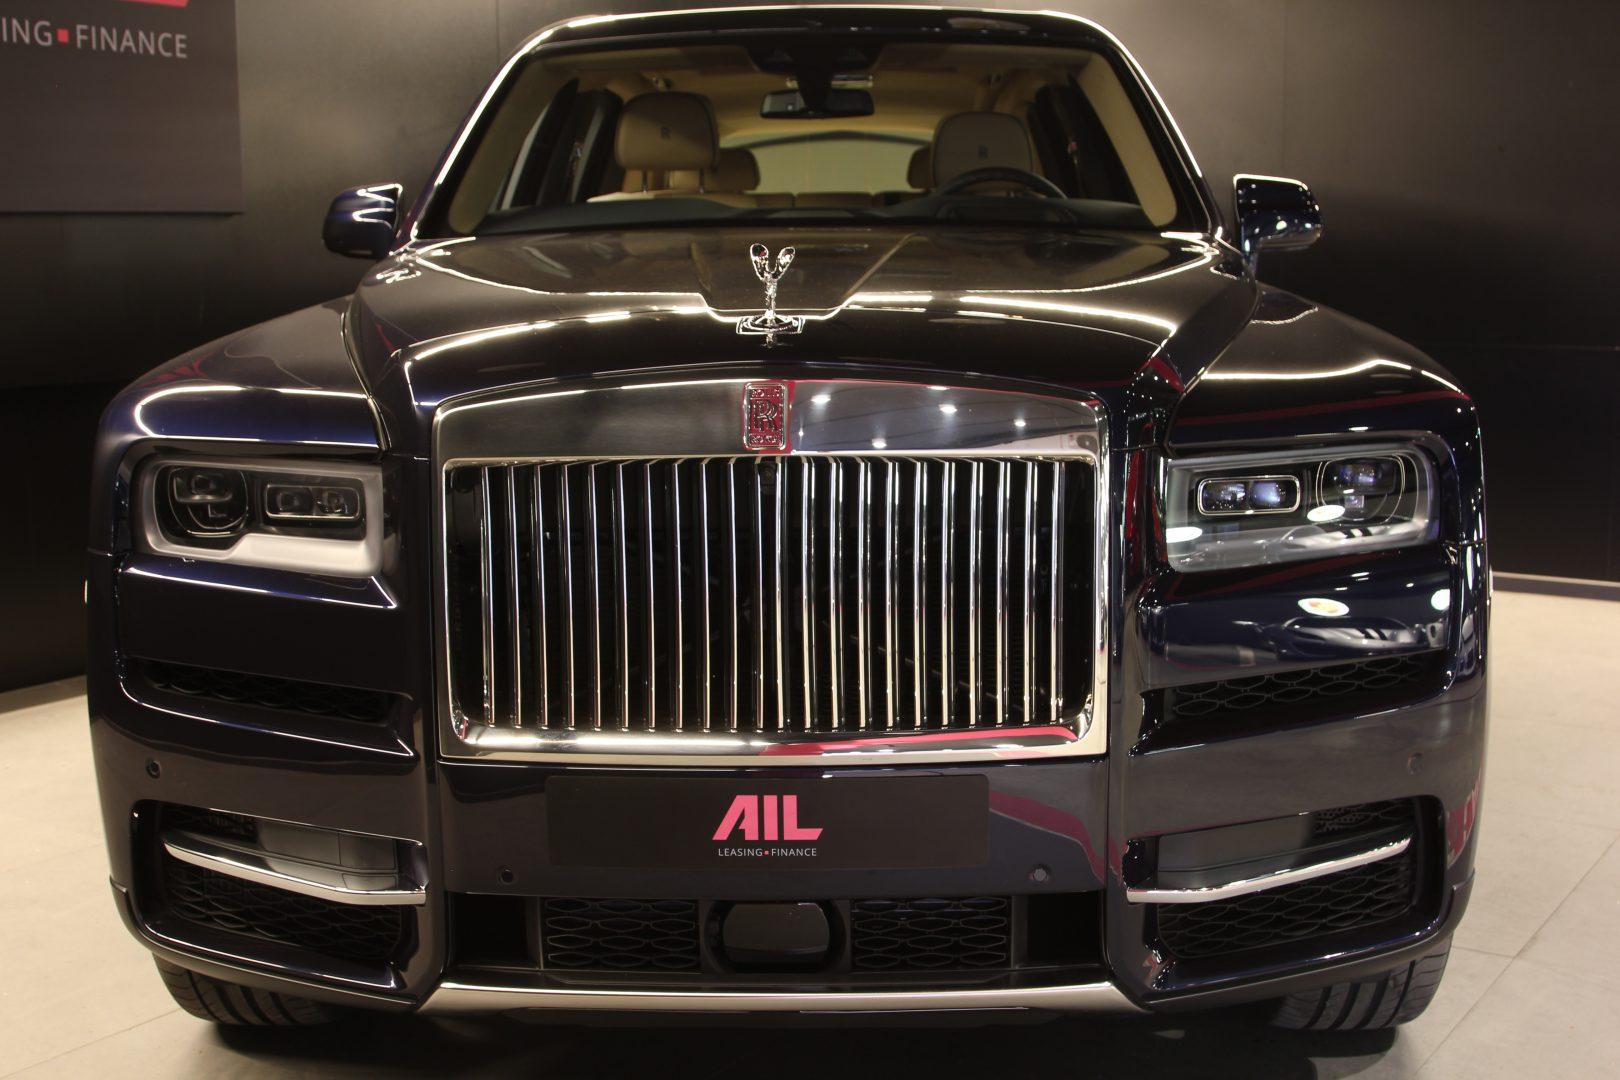 AIL Rolls Royce Cullinan V12 10